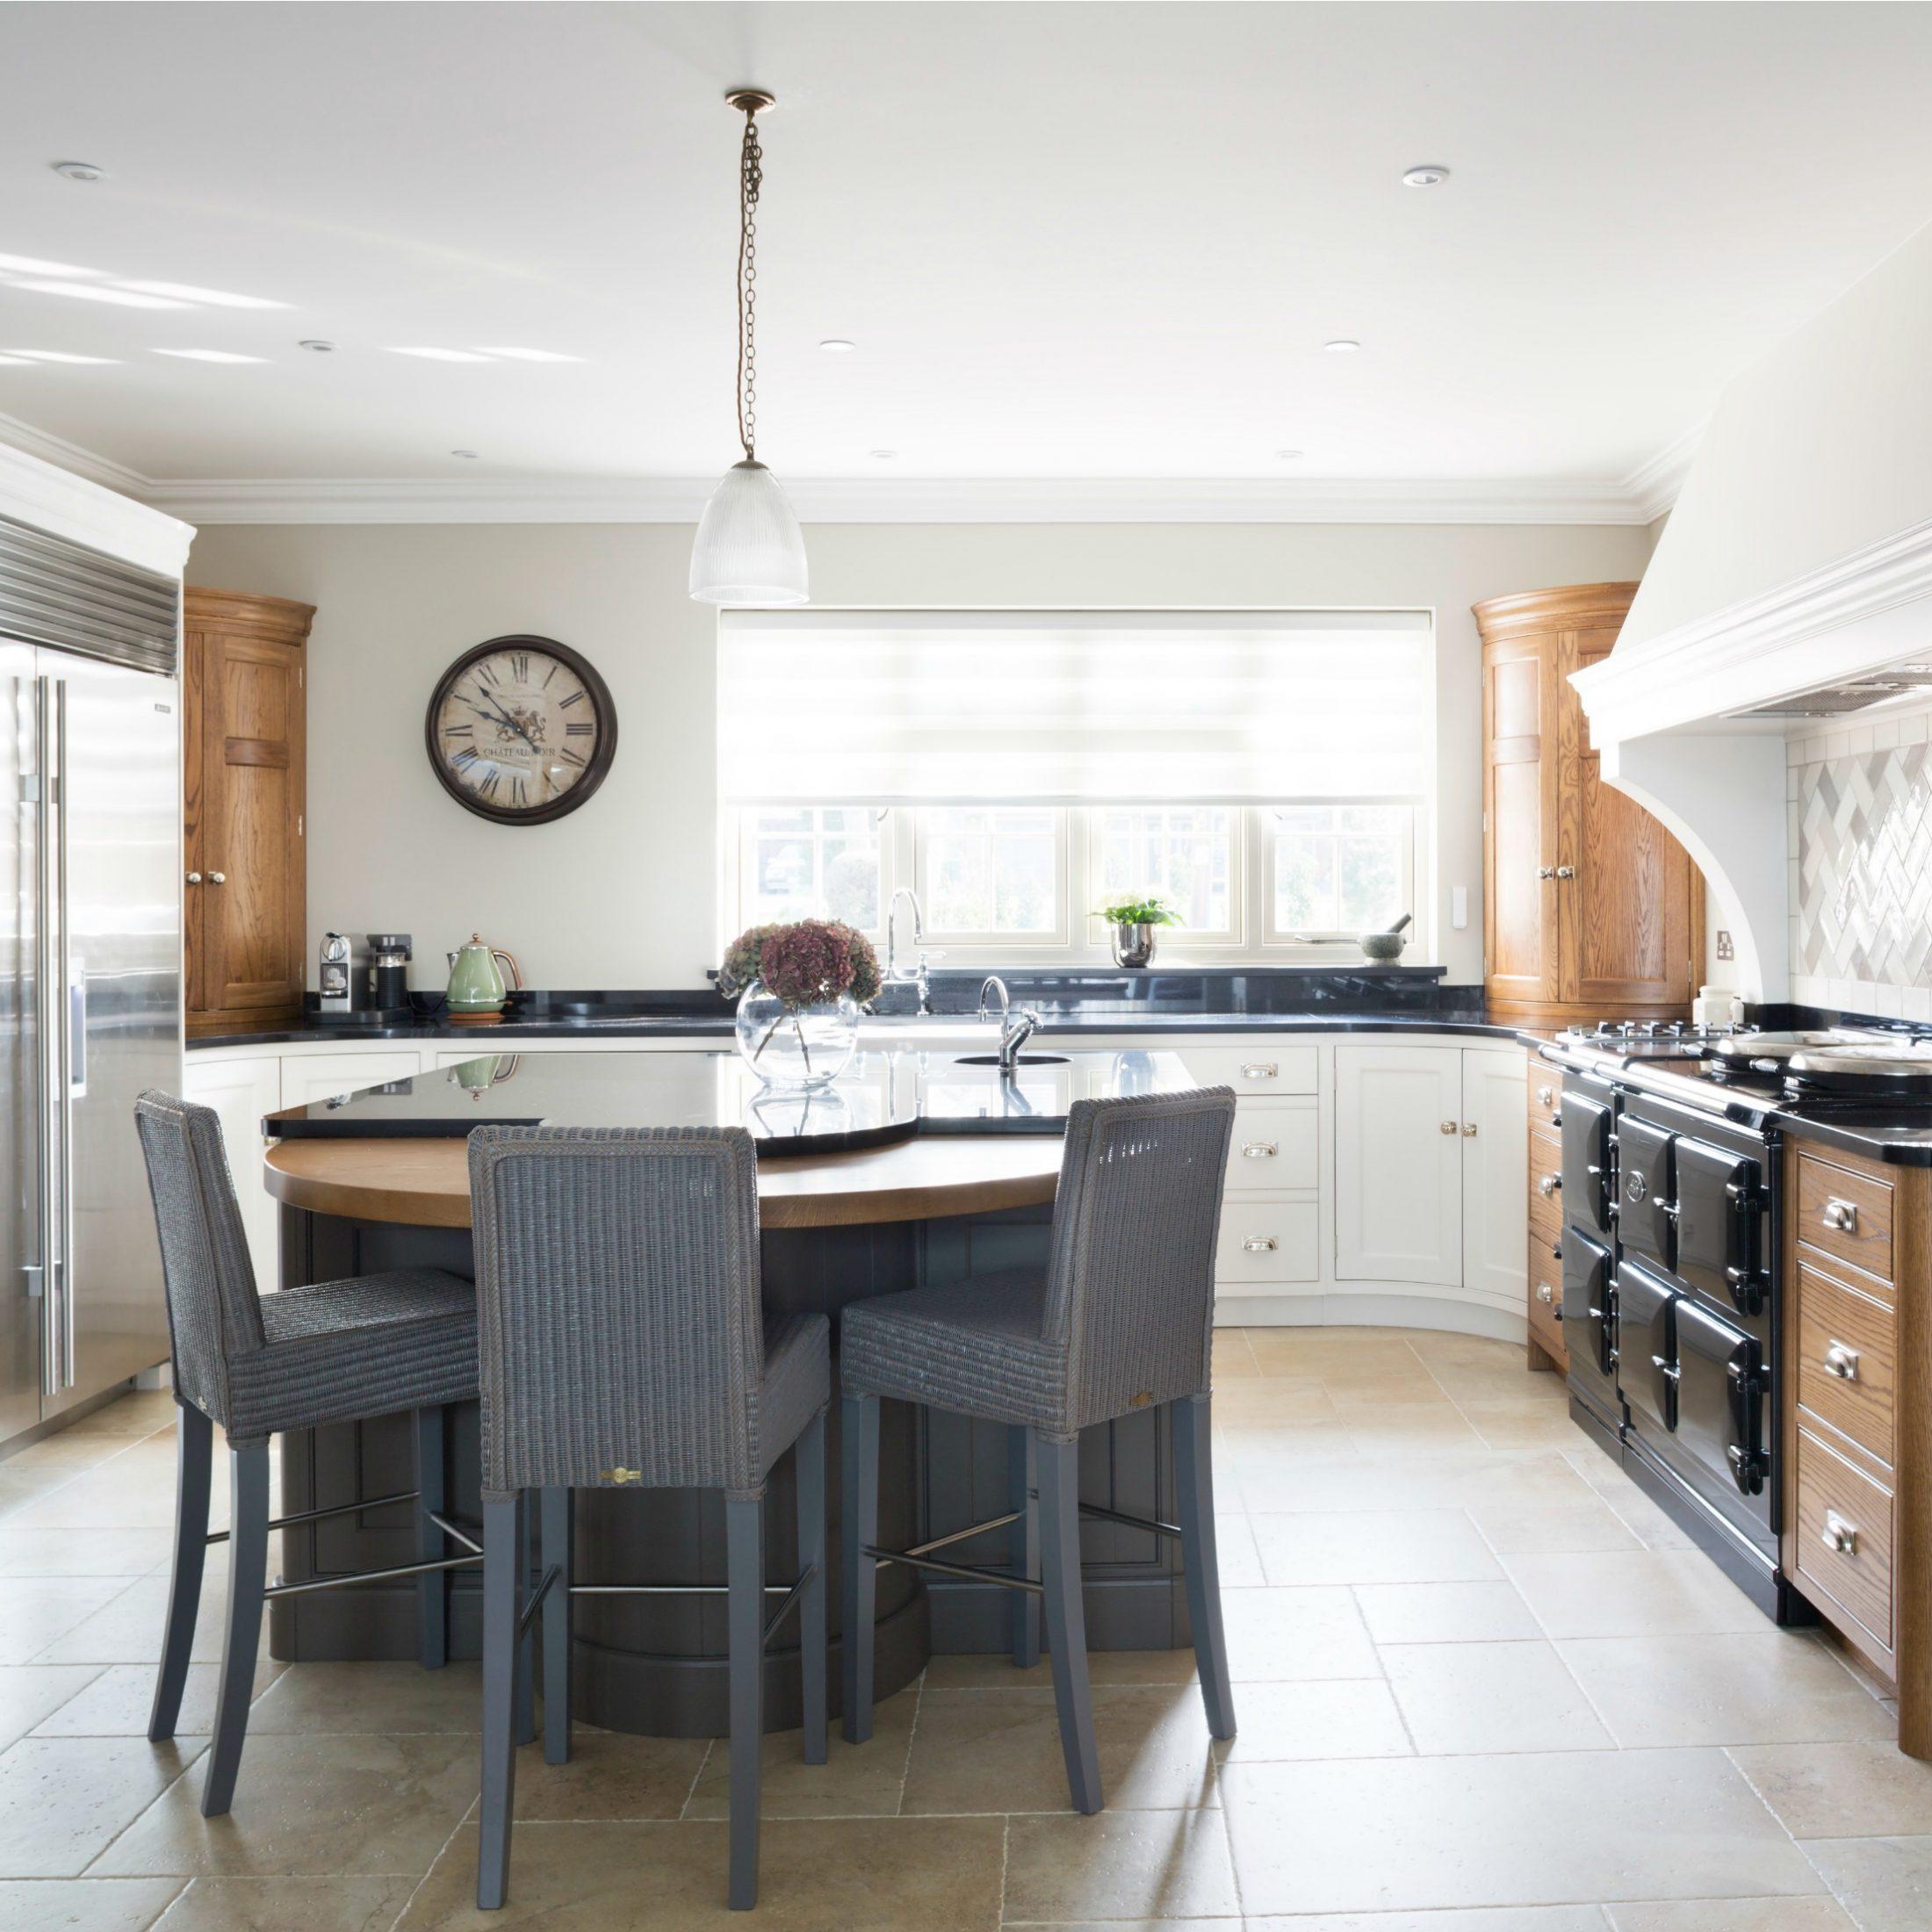 Luxury Country Kitchen, Maldon, Essex